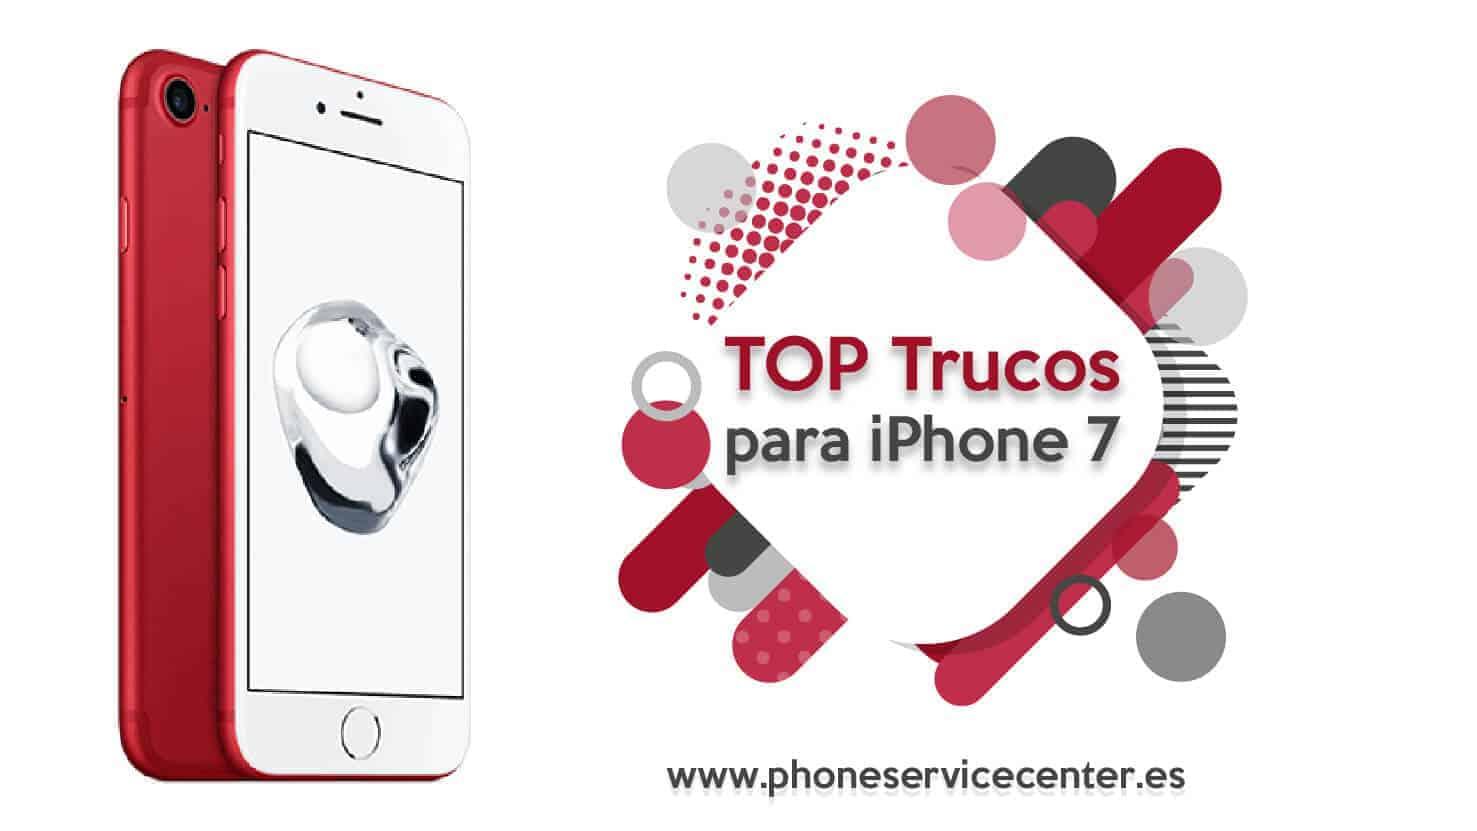 TOP Trucos y consejos para iPhone 7